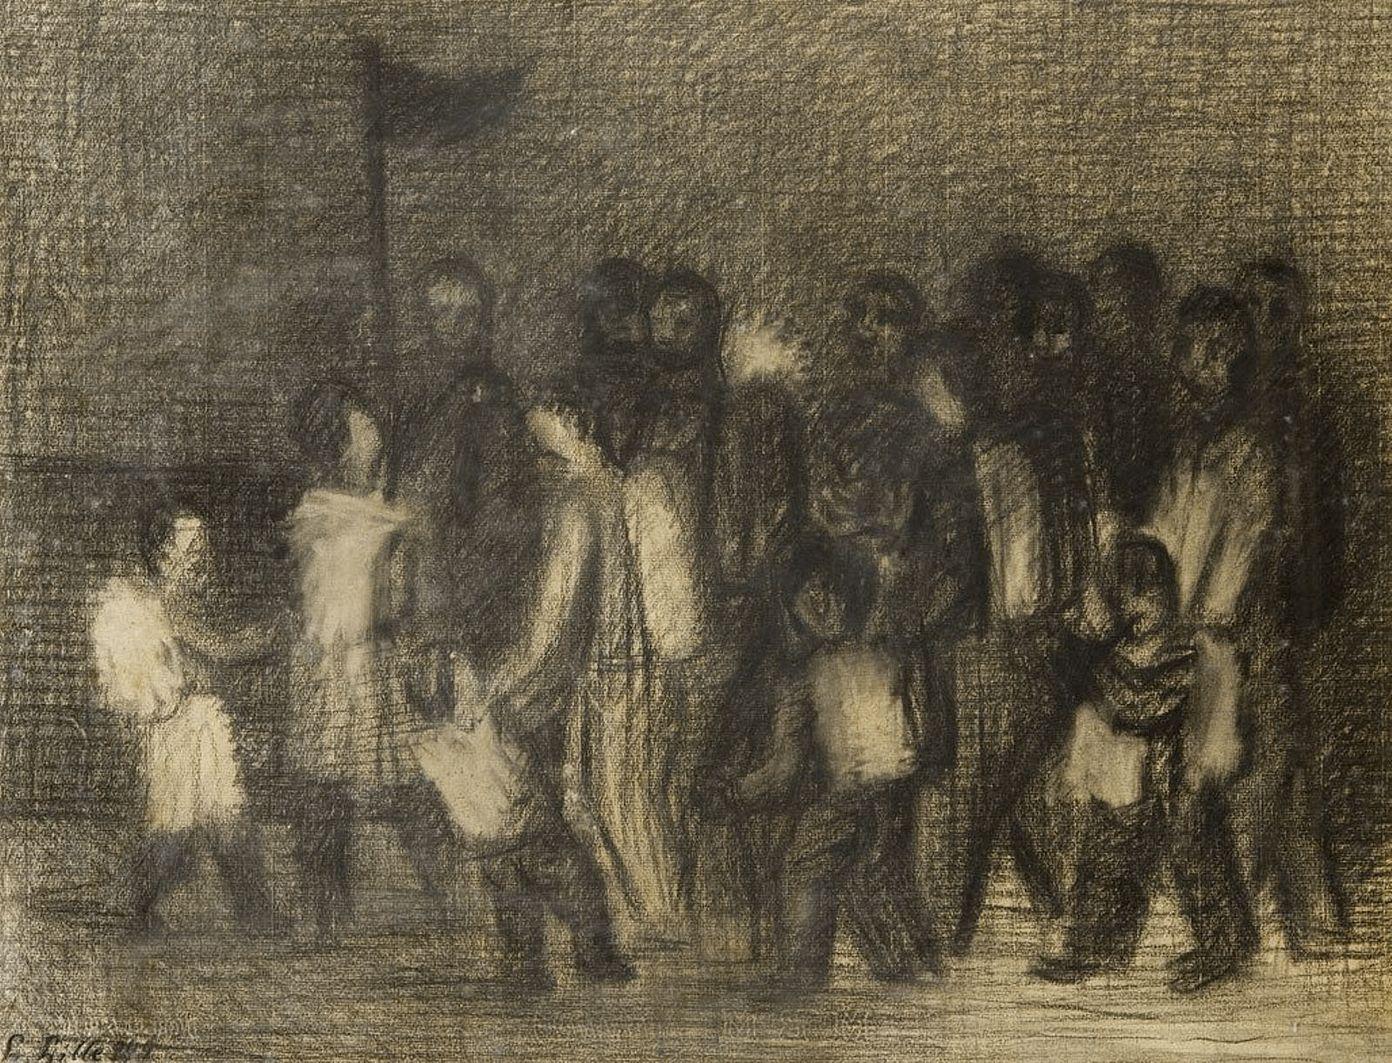 Людвиґ Ліллє. Процесія, 1949